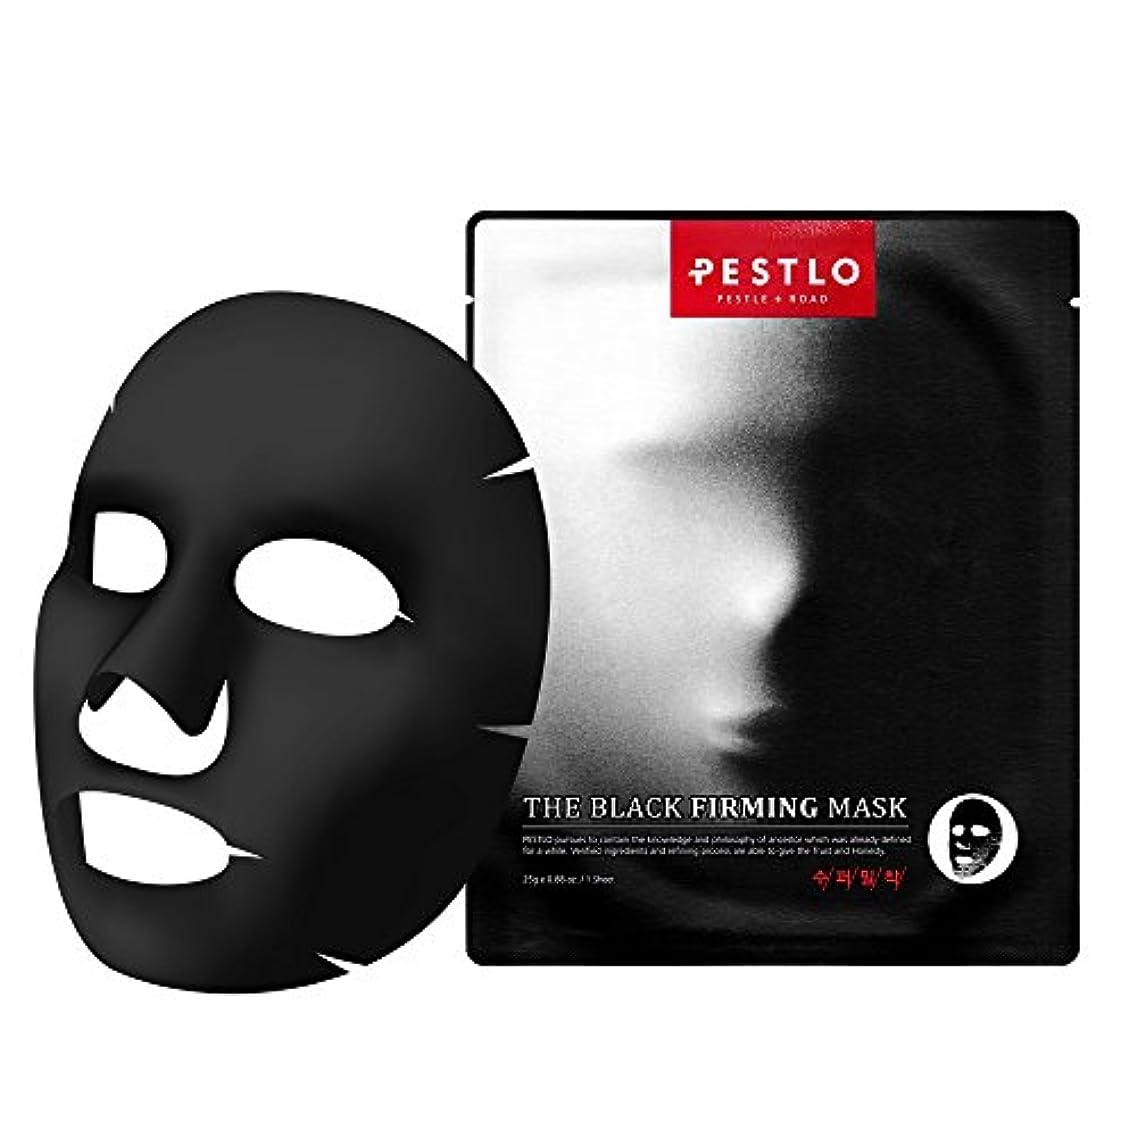 一般的に言えばブリークなぞらえるPestlo The Black Firming Mask 7 Sheets 【ペスロザブラックファーミングマスク】 - モイスチャ 抗酸化効果 透明スキンケア 韓国コスメ 1シート / 25g